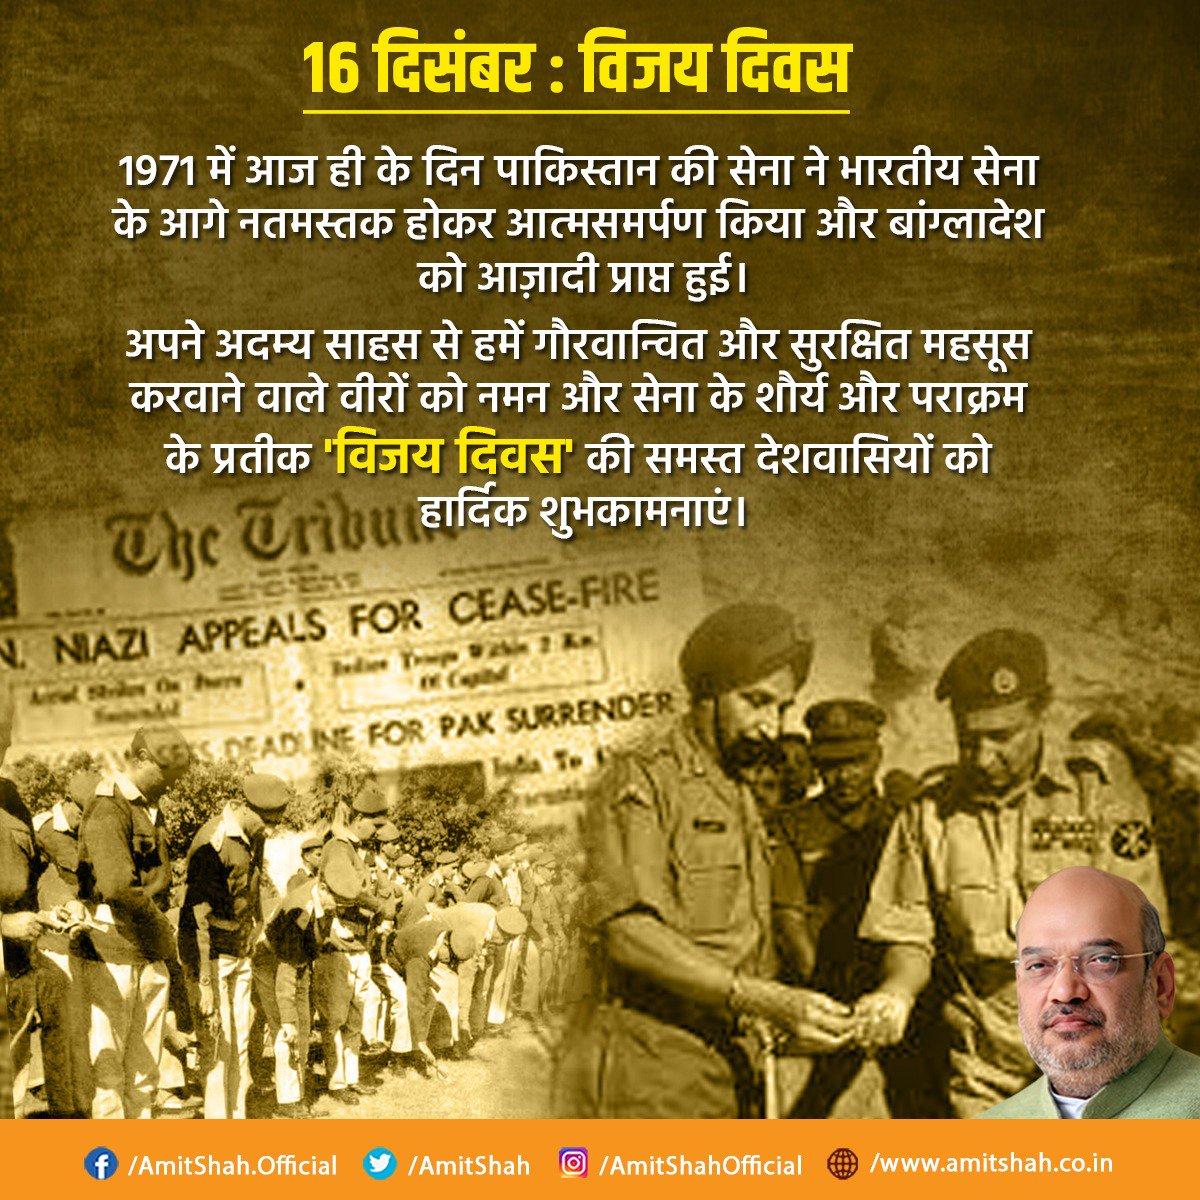 1971 में आज ही के दिन पाकिस्तान ने भारतीय सेना के आगे नतमस्तक होकर आत्मसमर्पण किया और बांग्लादेश को आज़ादी प्राप्त हुई। अपने अदम्य साहस से हमें गौरवान्वित और सुरक्षित महसूस करवाने वाले वीरों को नमन और सेना के शौर्य और पराक्रम के प्रतीक विजय दिवस की देशवासियों को शुभकामनाएं।